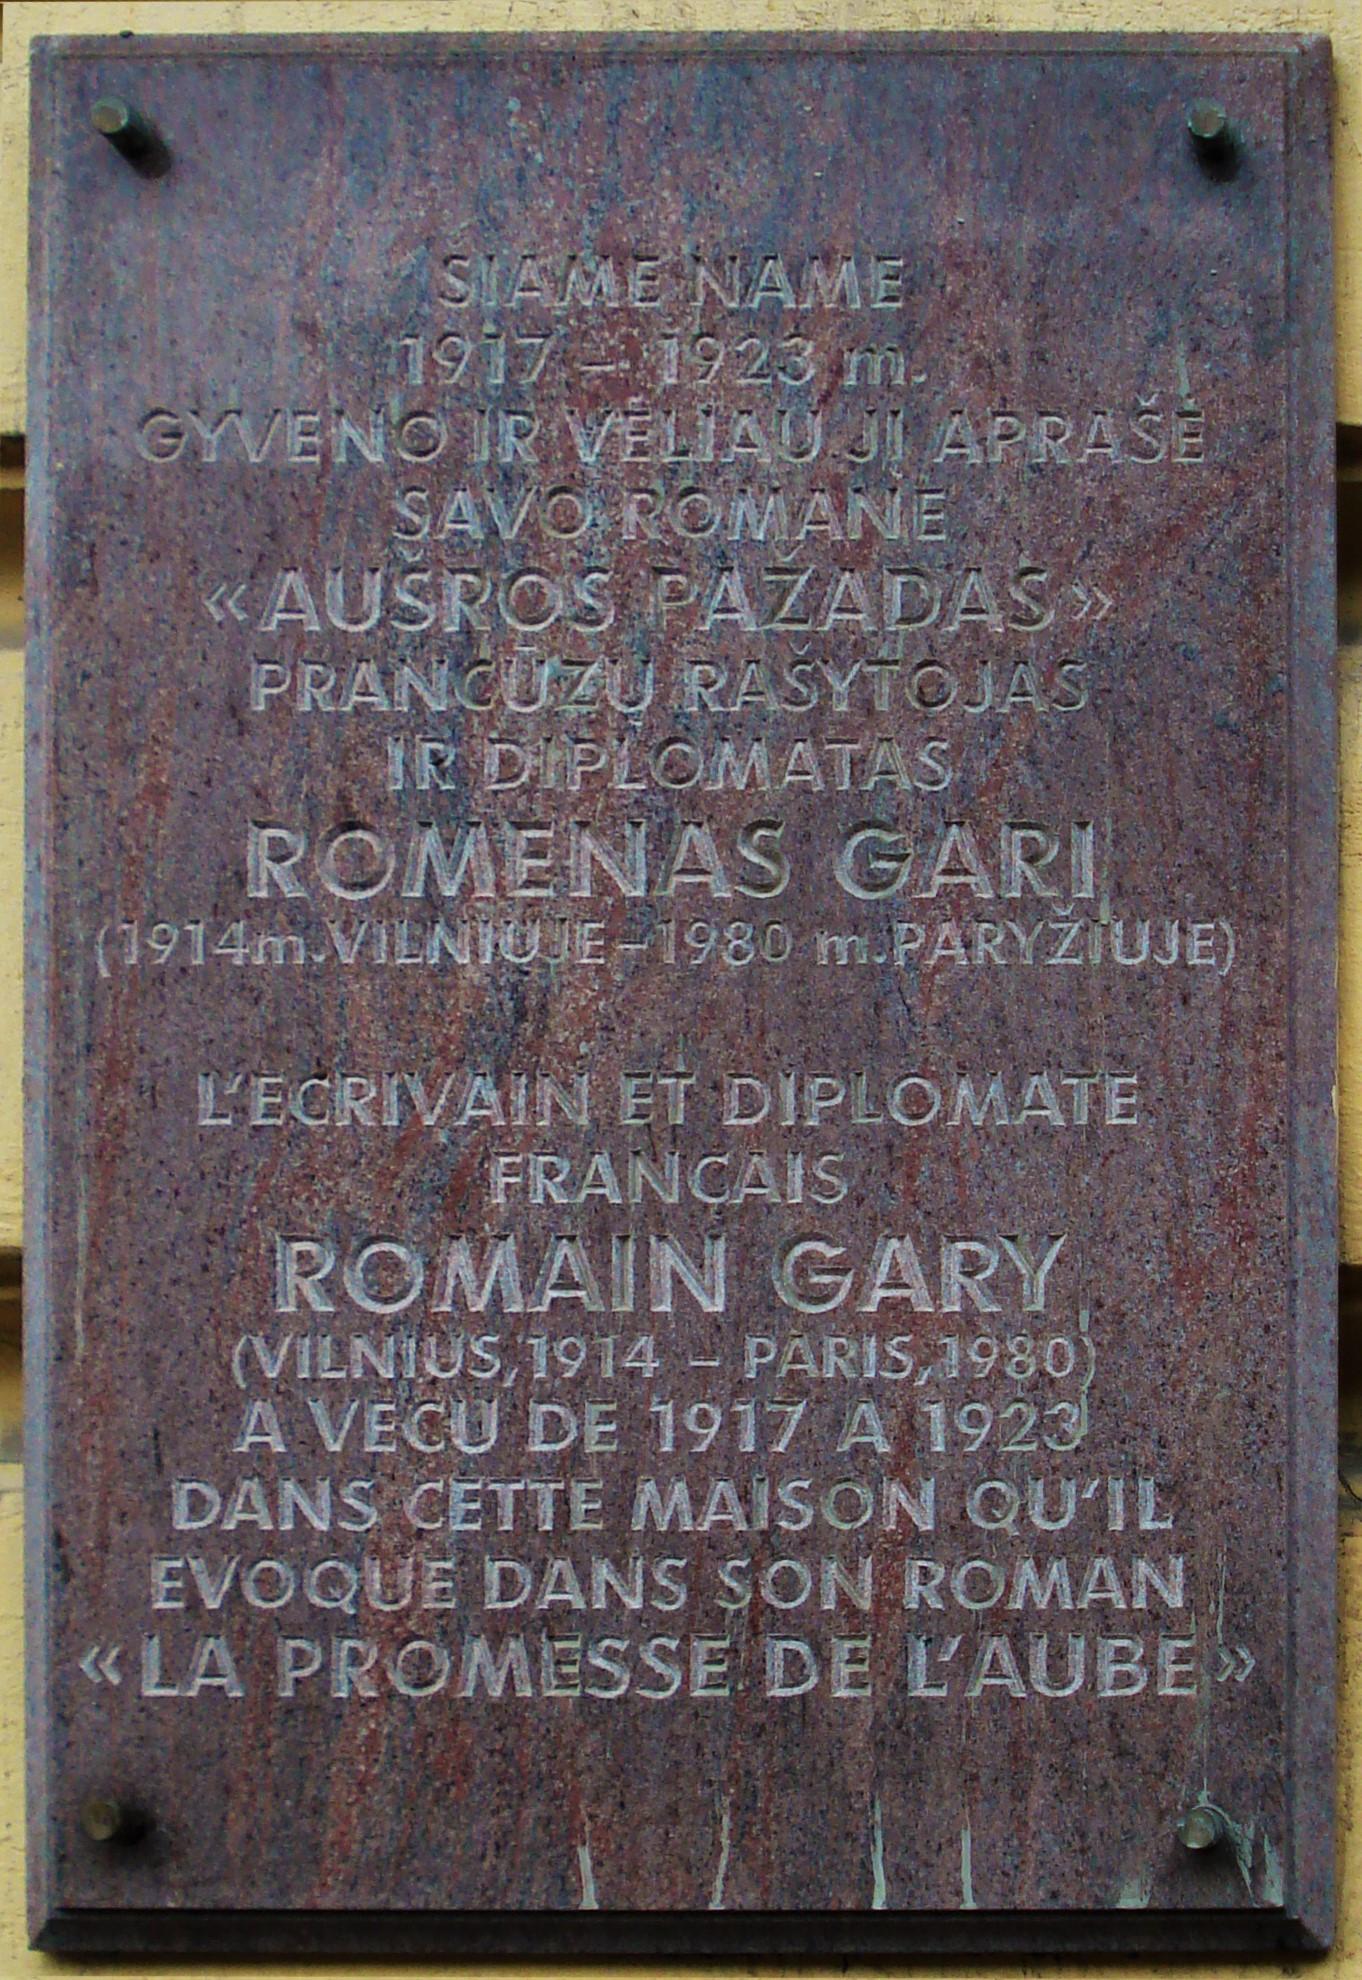 Romain Gary – Wikipedia